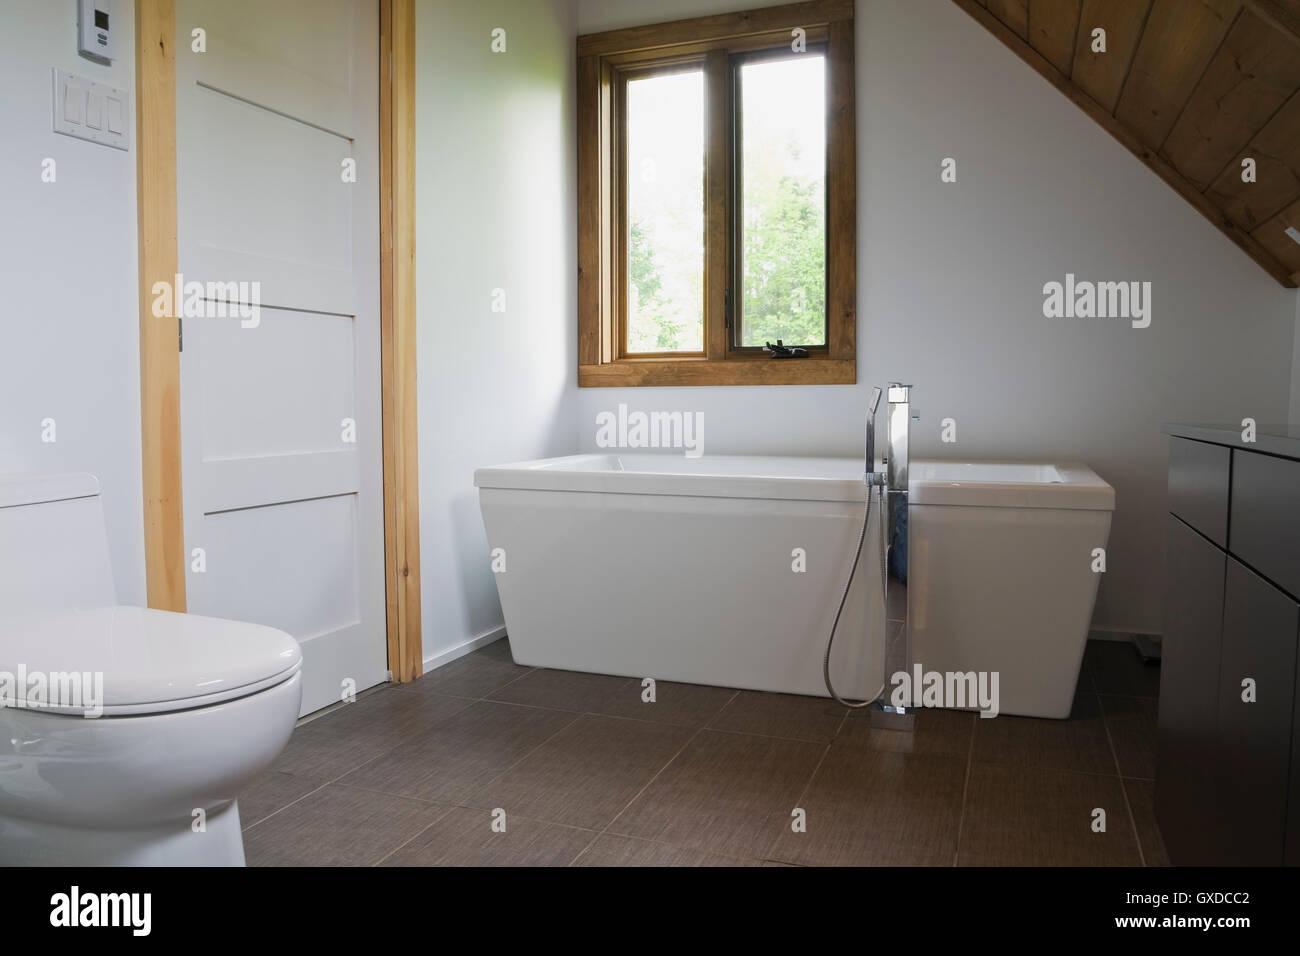 Salle De Bain Quebec Qc ~ salle de bains avec plancher de c ramique gris blanc porcelaine